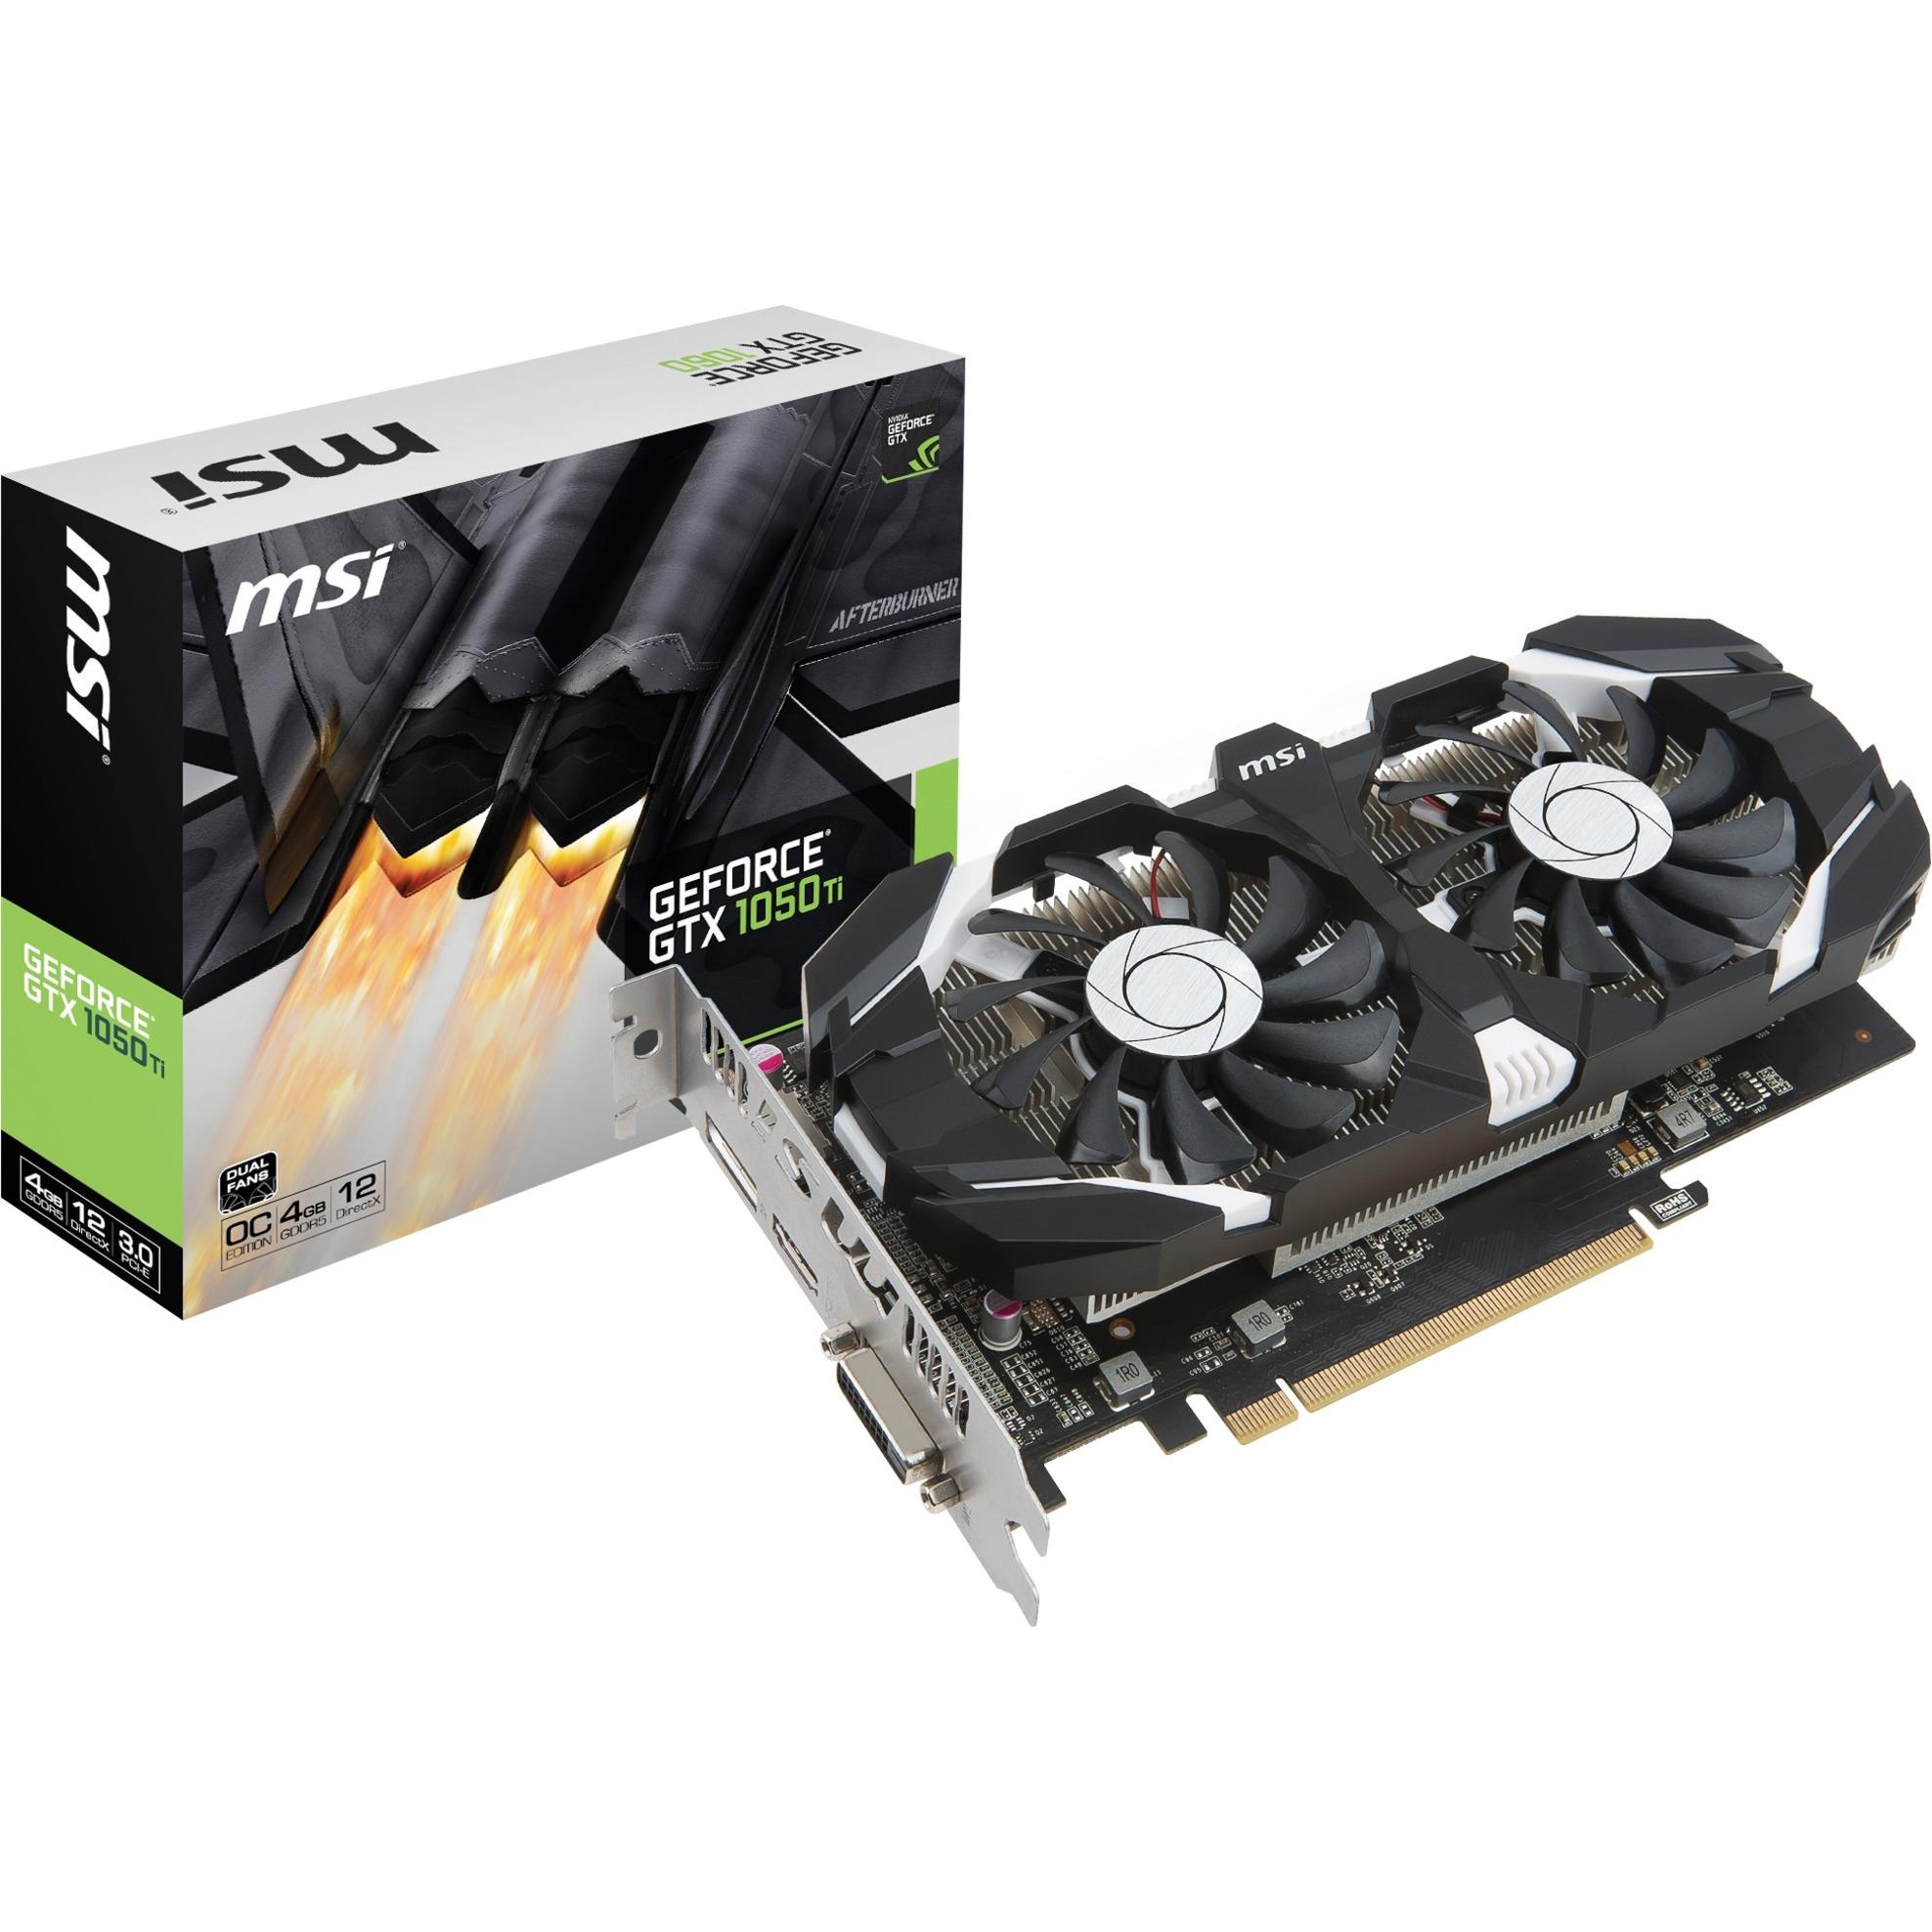 GeForce GTX 1050 Ti 4GT OC GeForce GTX 1050 Ti 4Go GDDR5, Carte graphique